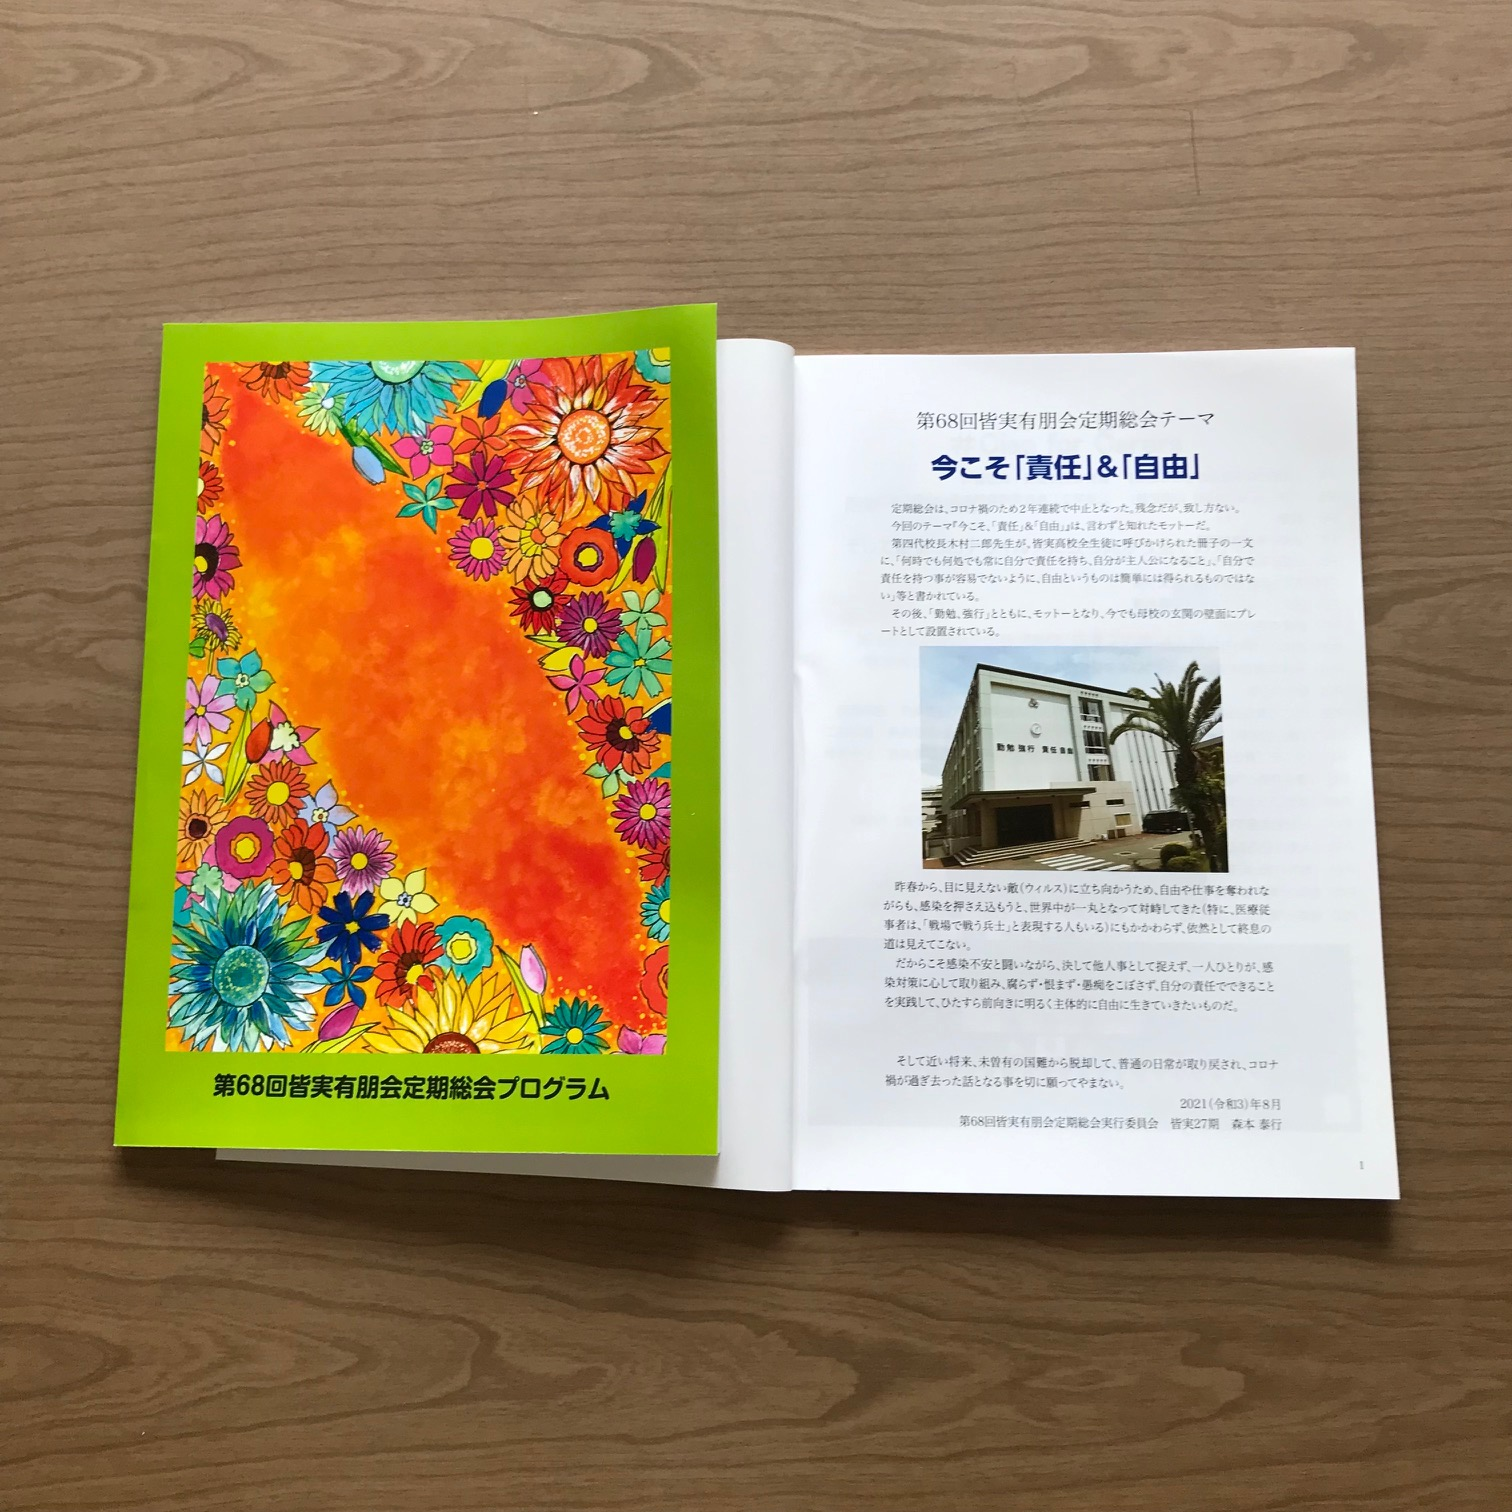 定期総会冊子プログラム表紙